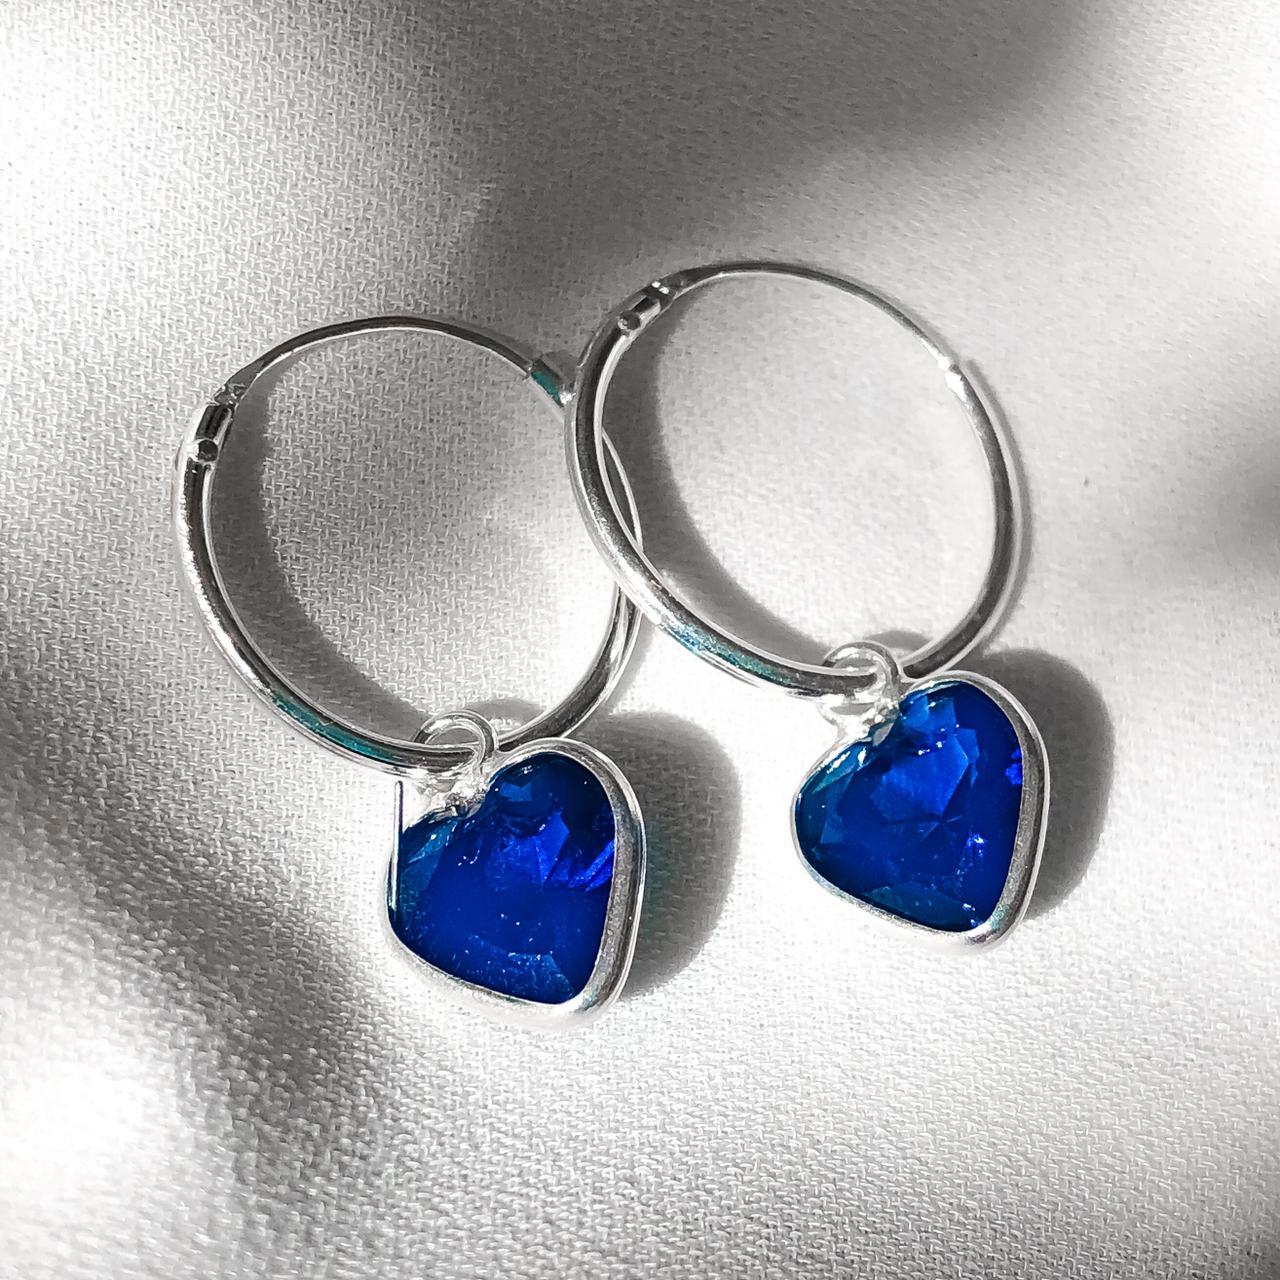 Brinco Argolinha com Coração Azul pendente em Prata 925